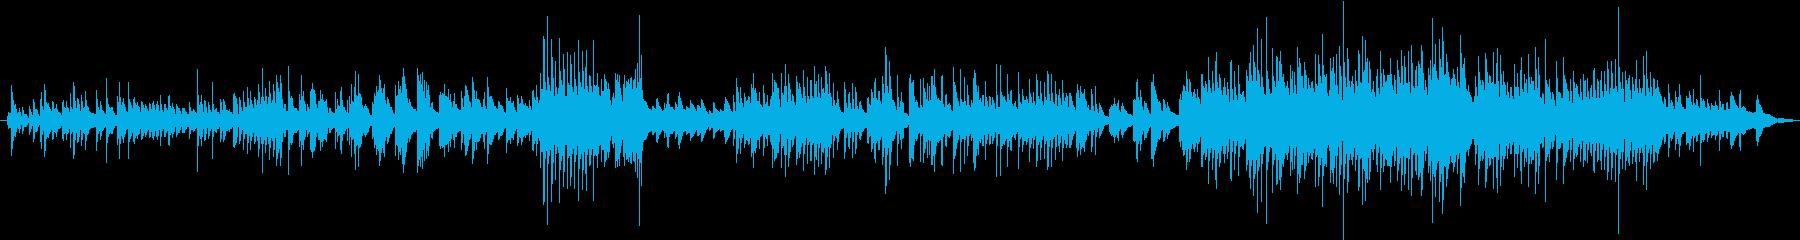 安心感と孤独感のある即興ワルツ曲の再生済みの波形